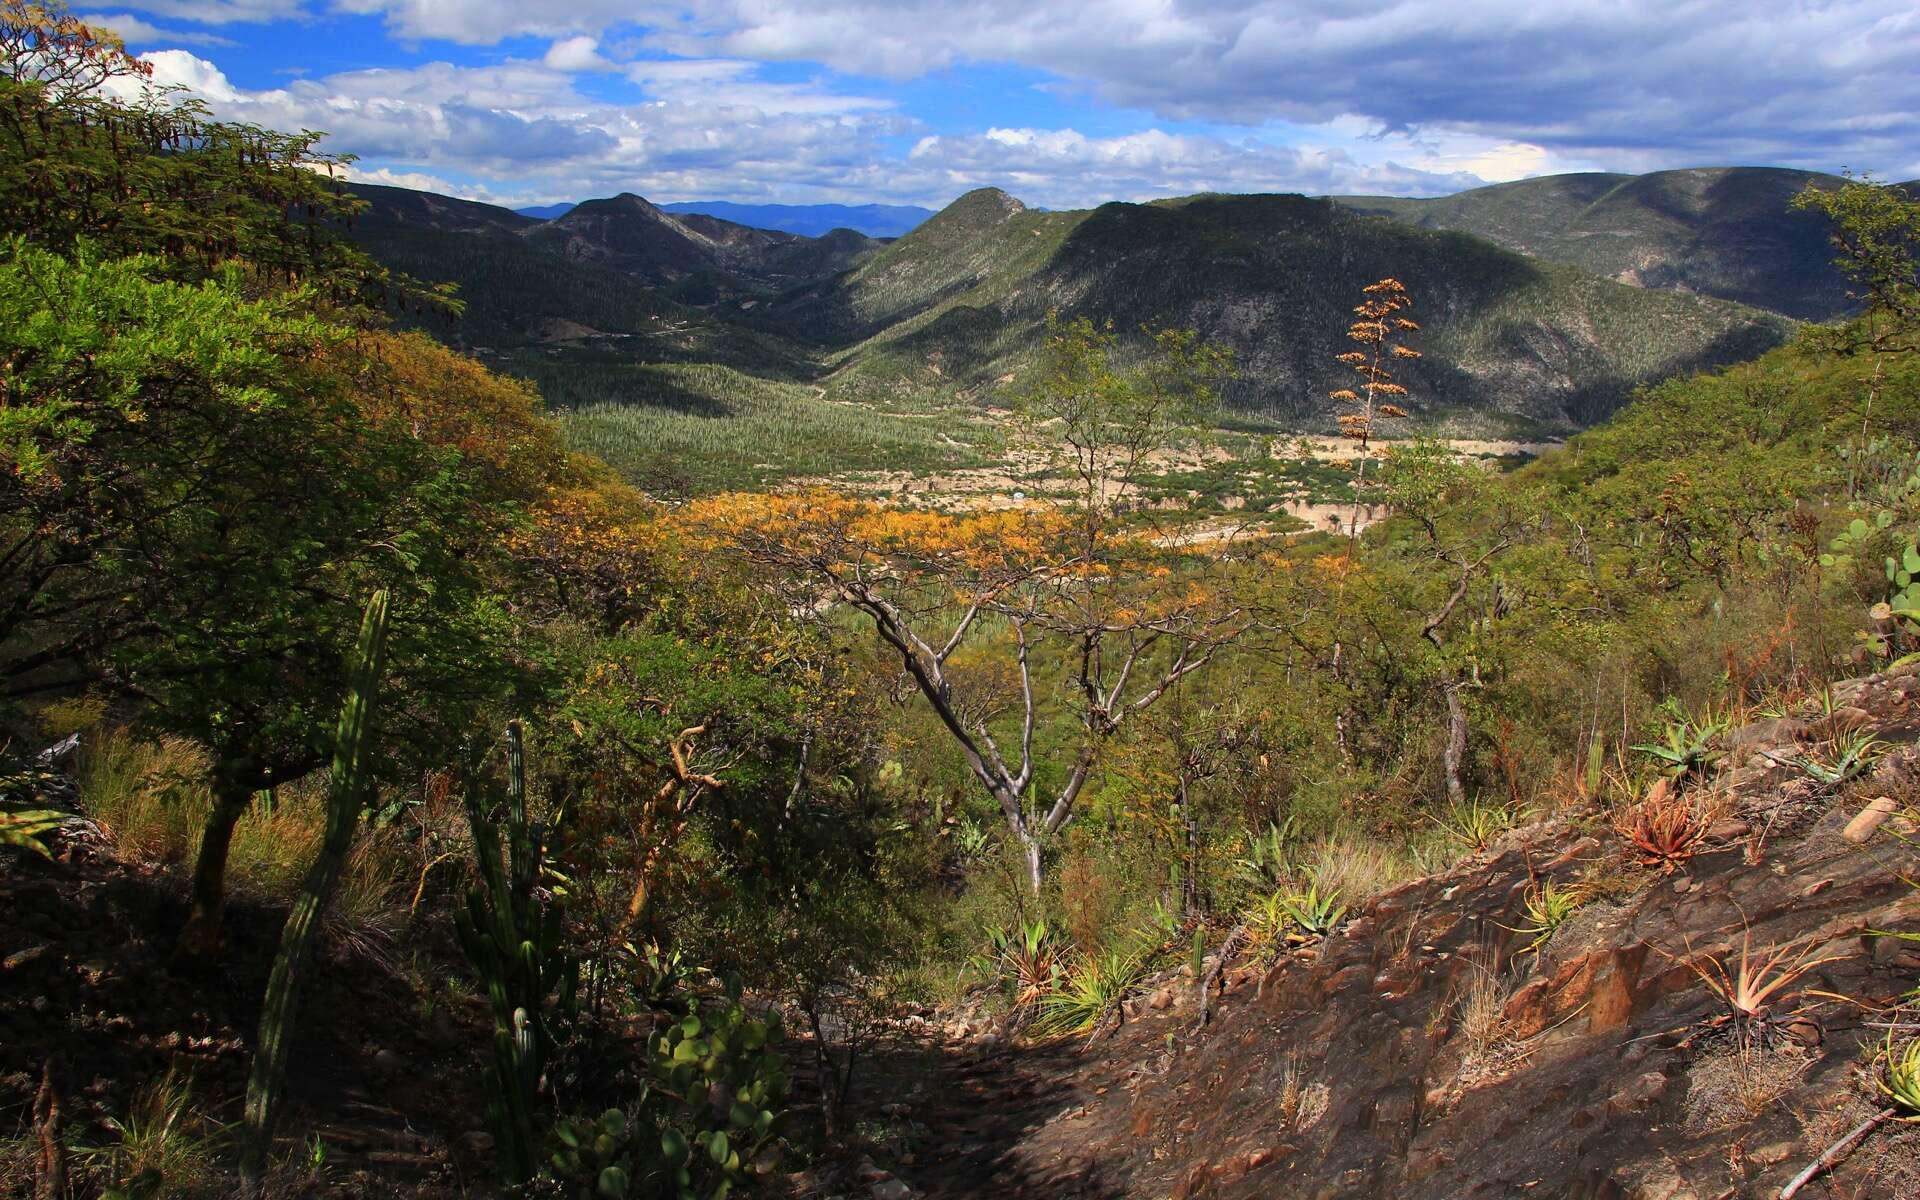 Paysage de la réserve de Tehuacan-Cuicatlan dans l'État de Puebla, au Mexique, non loin de la découverte de l'endroit où des outils retrouvés attestent d'une présence humaine remontant jusqu'à 33.000 ans. © Anton, Adobe Stock